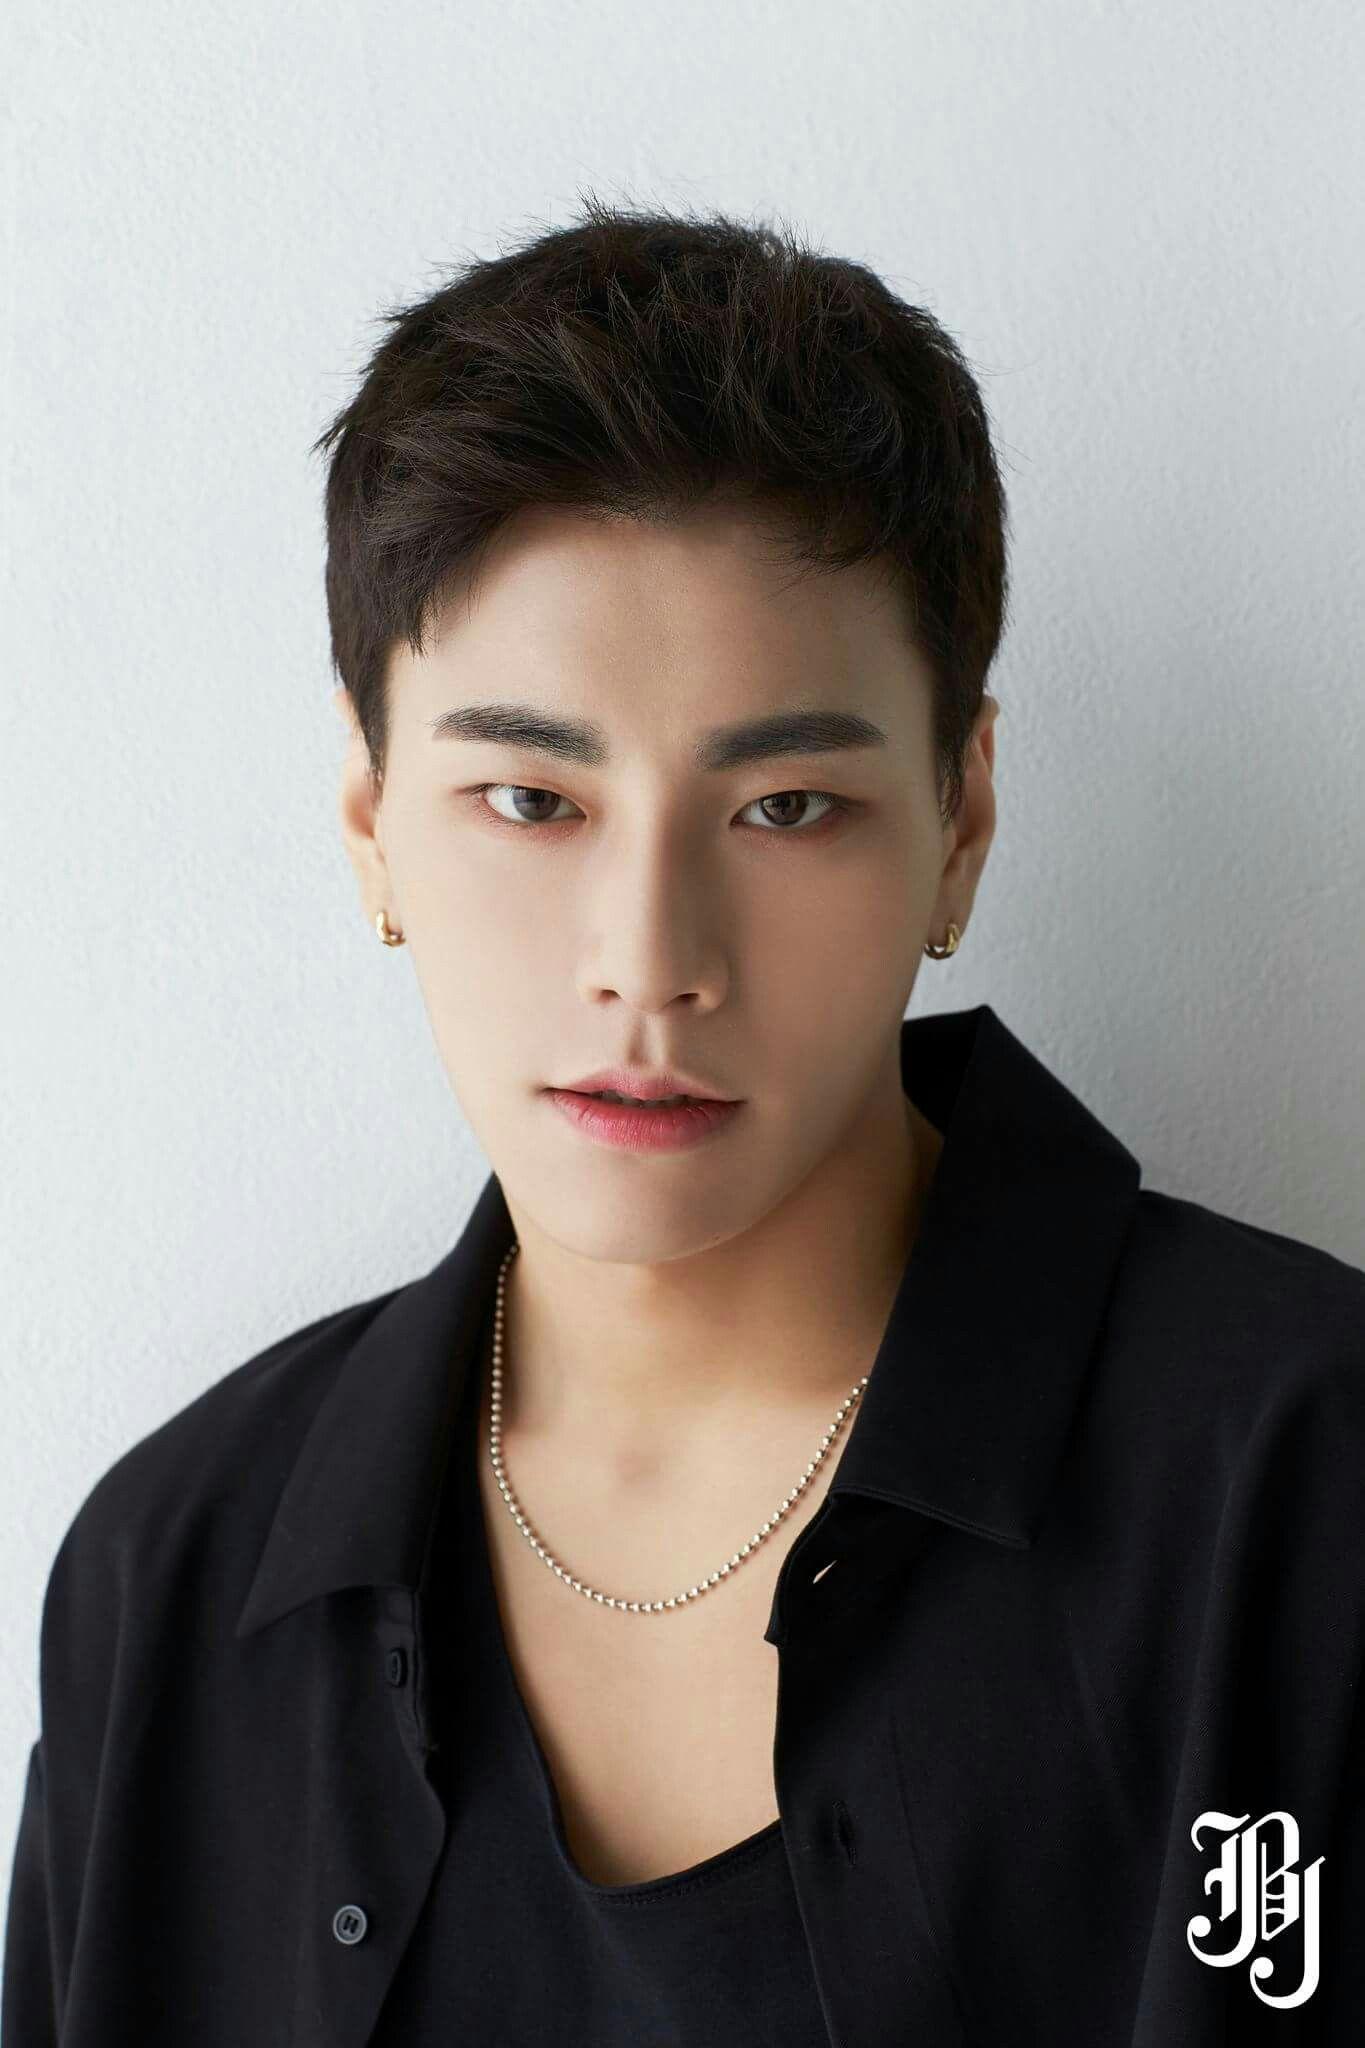 861b737c647 JBJ - Kim Sang Gyun